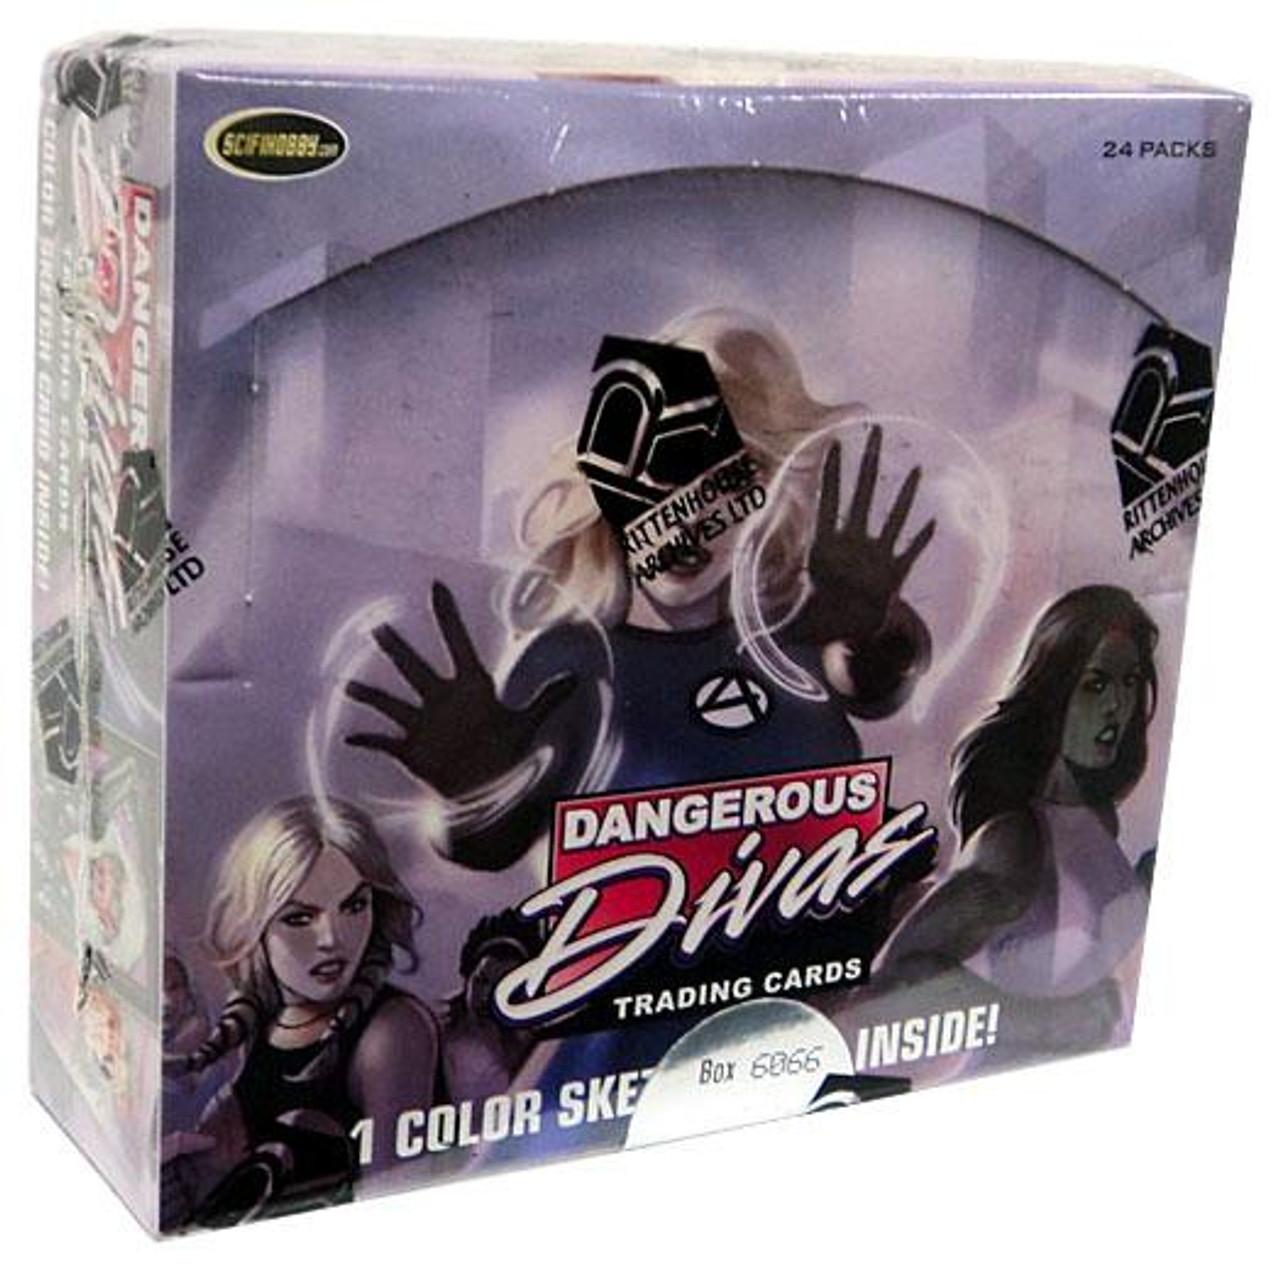 Marvel Dangerous Divas Trading Card Box